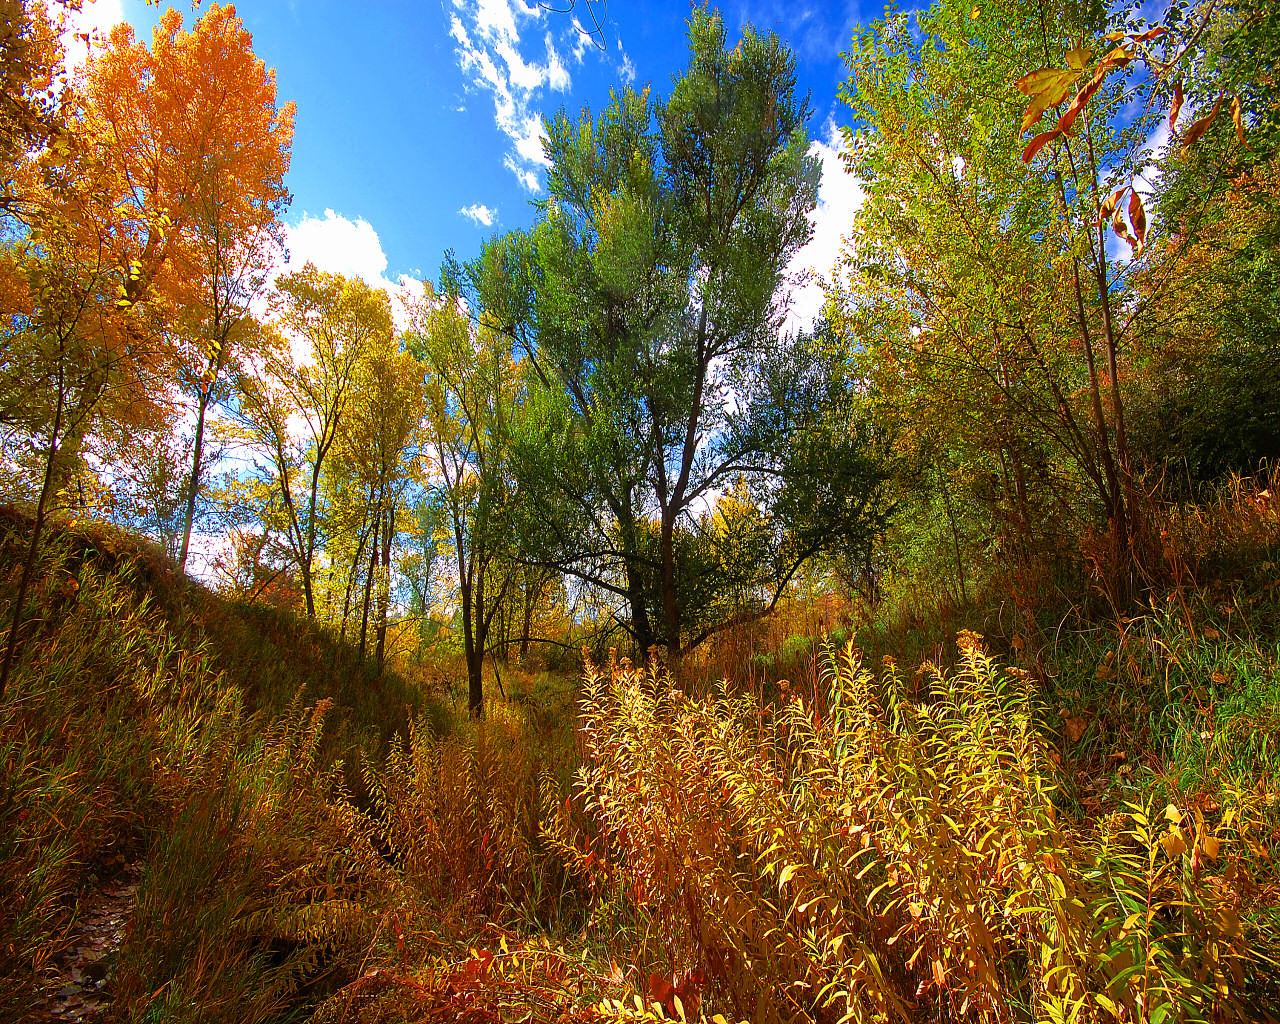 Lush Autumn by greenunderground